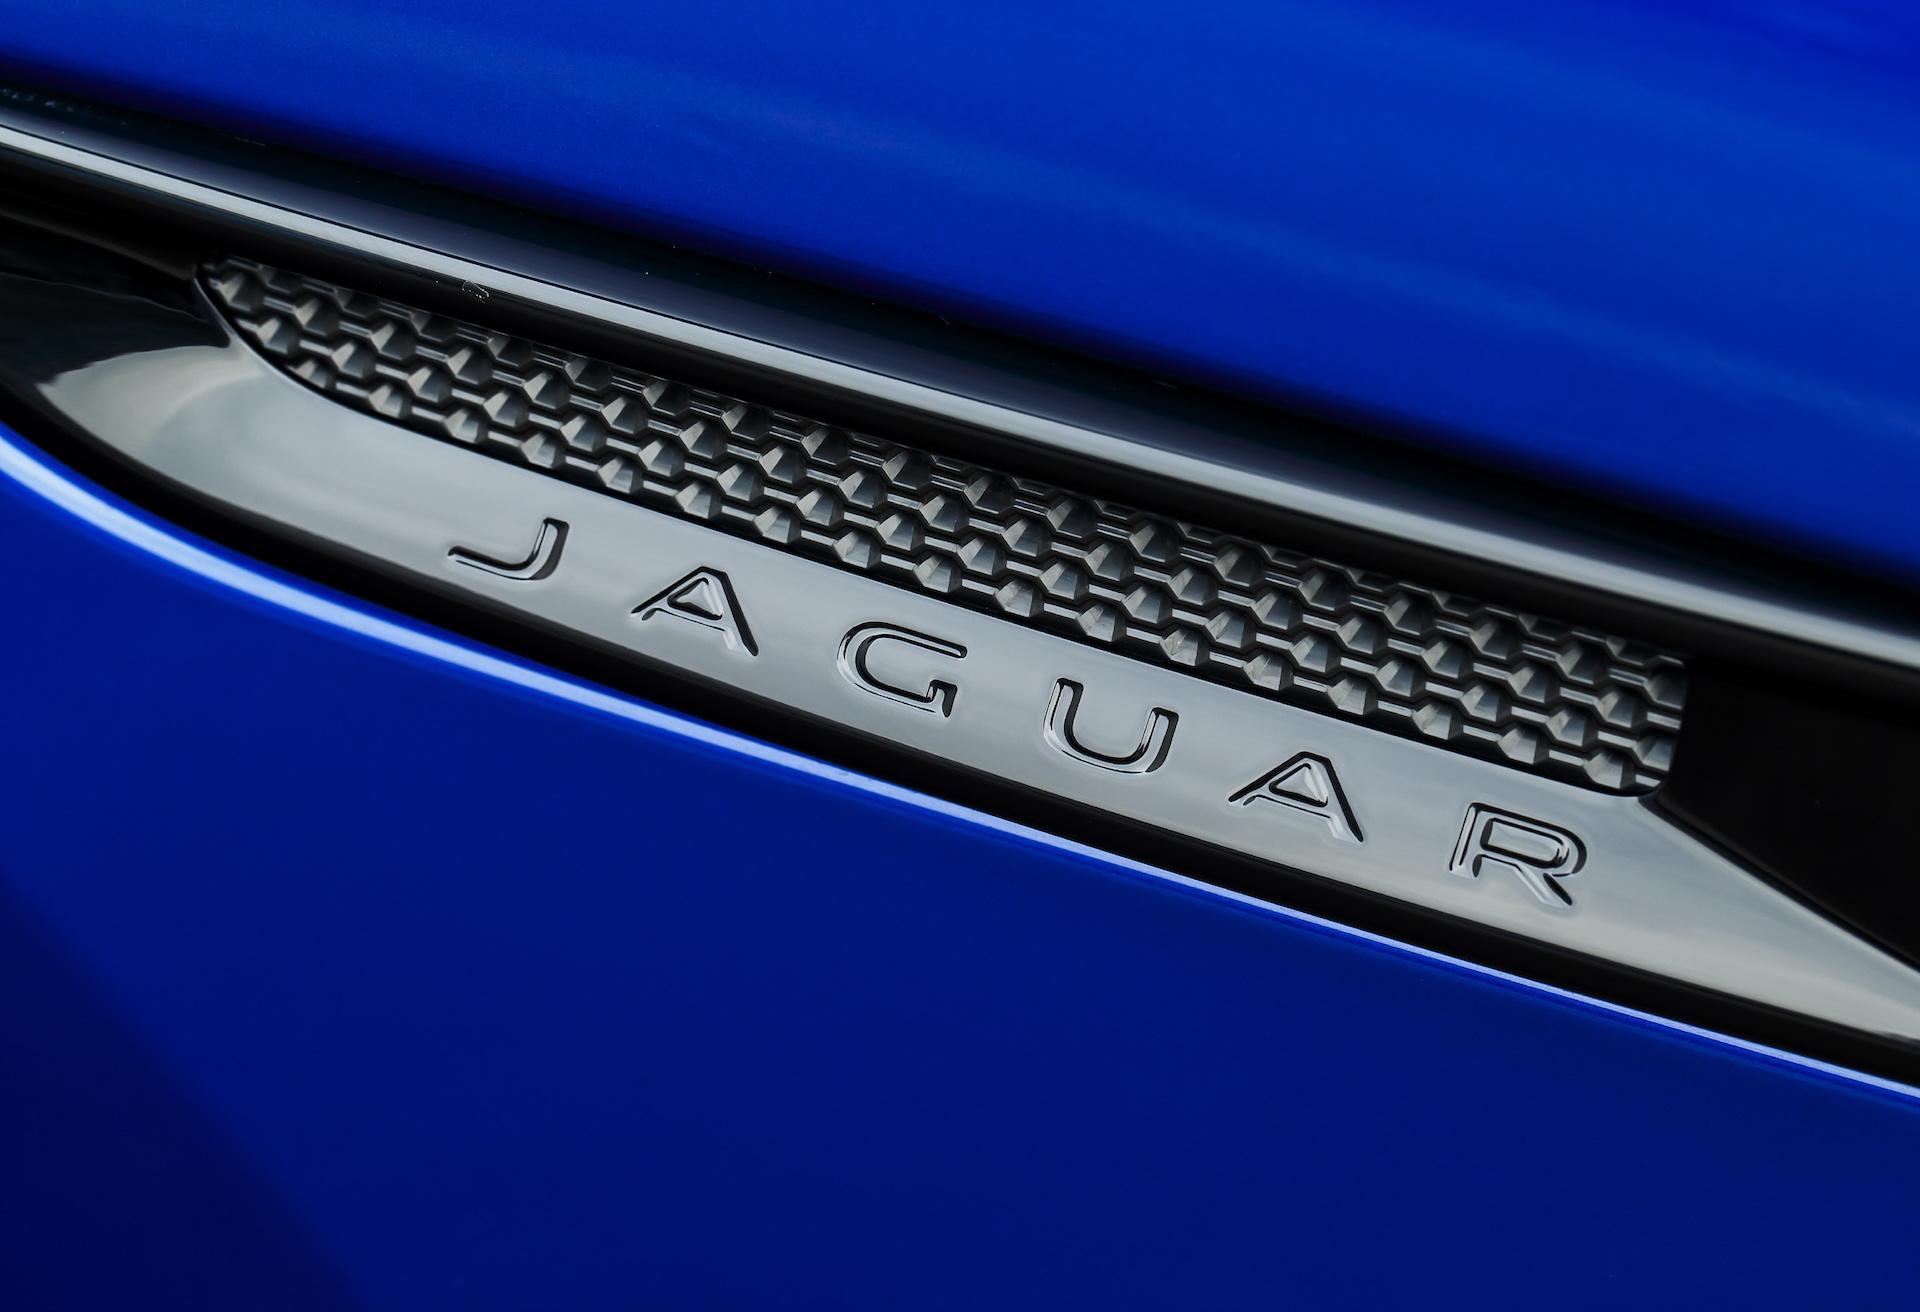 Diesel Electric Hybrid Jaguar J Pace Test Mule Spotted In U K